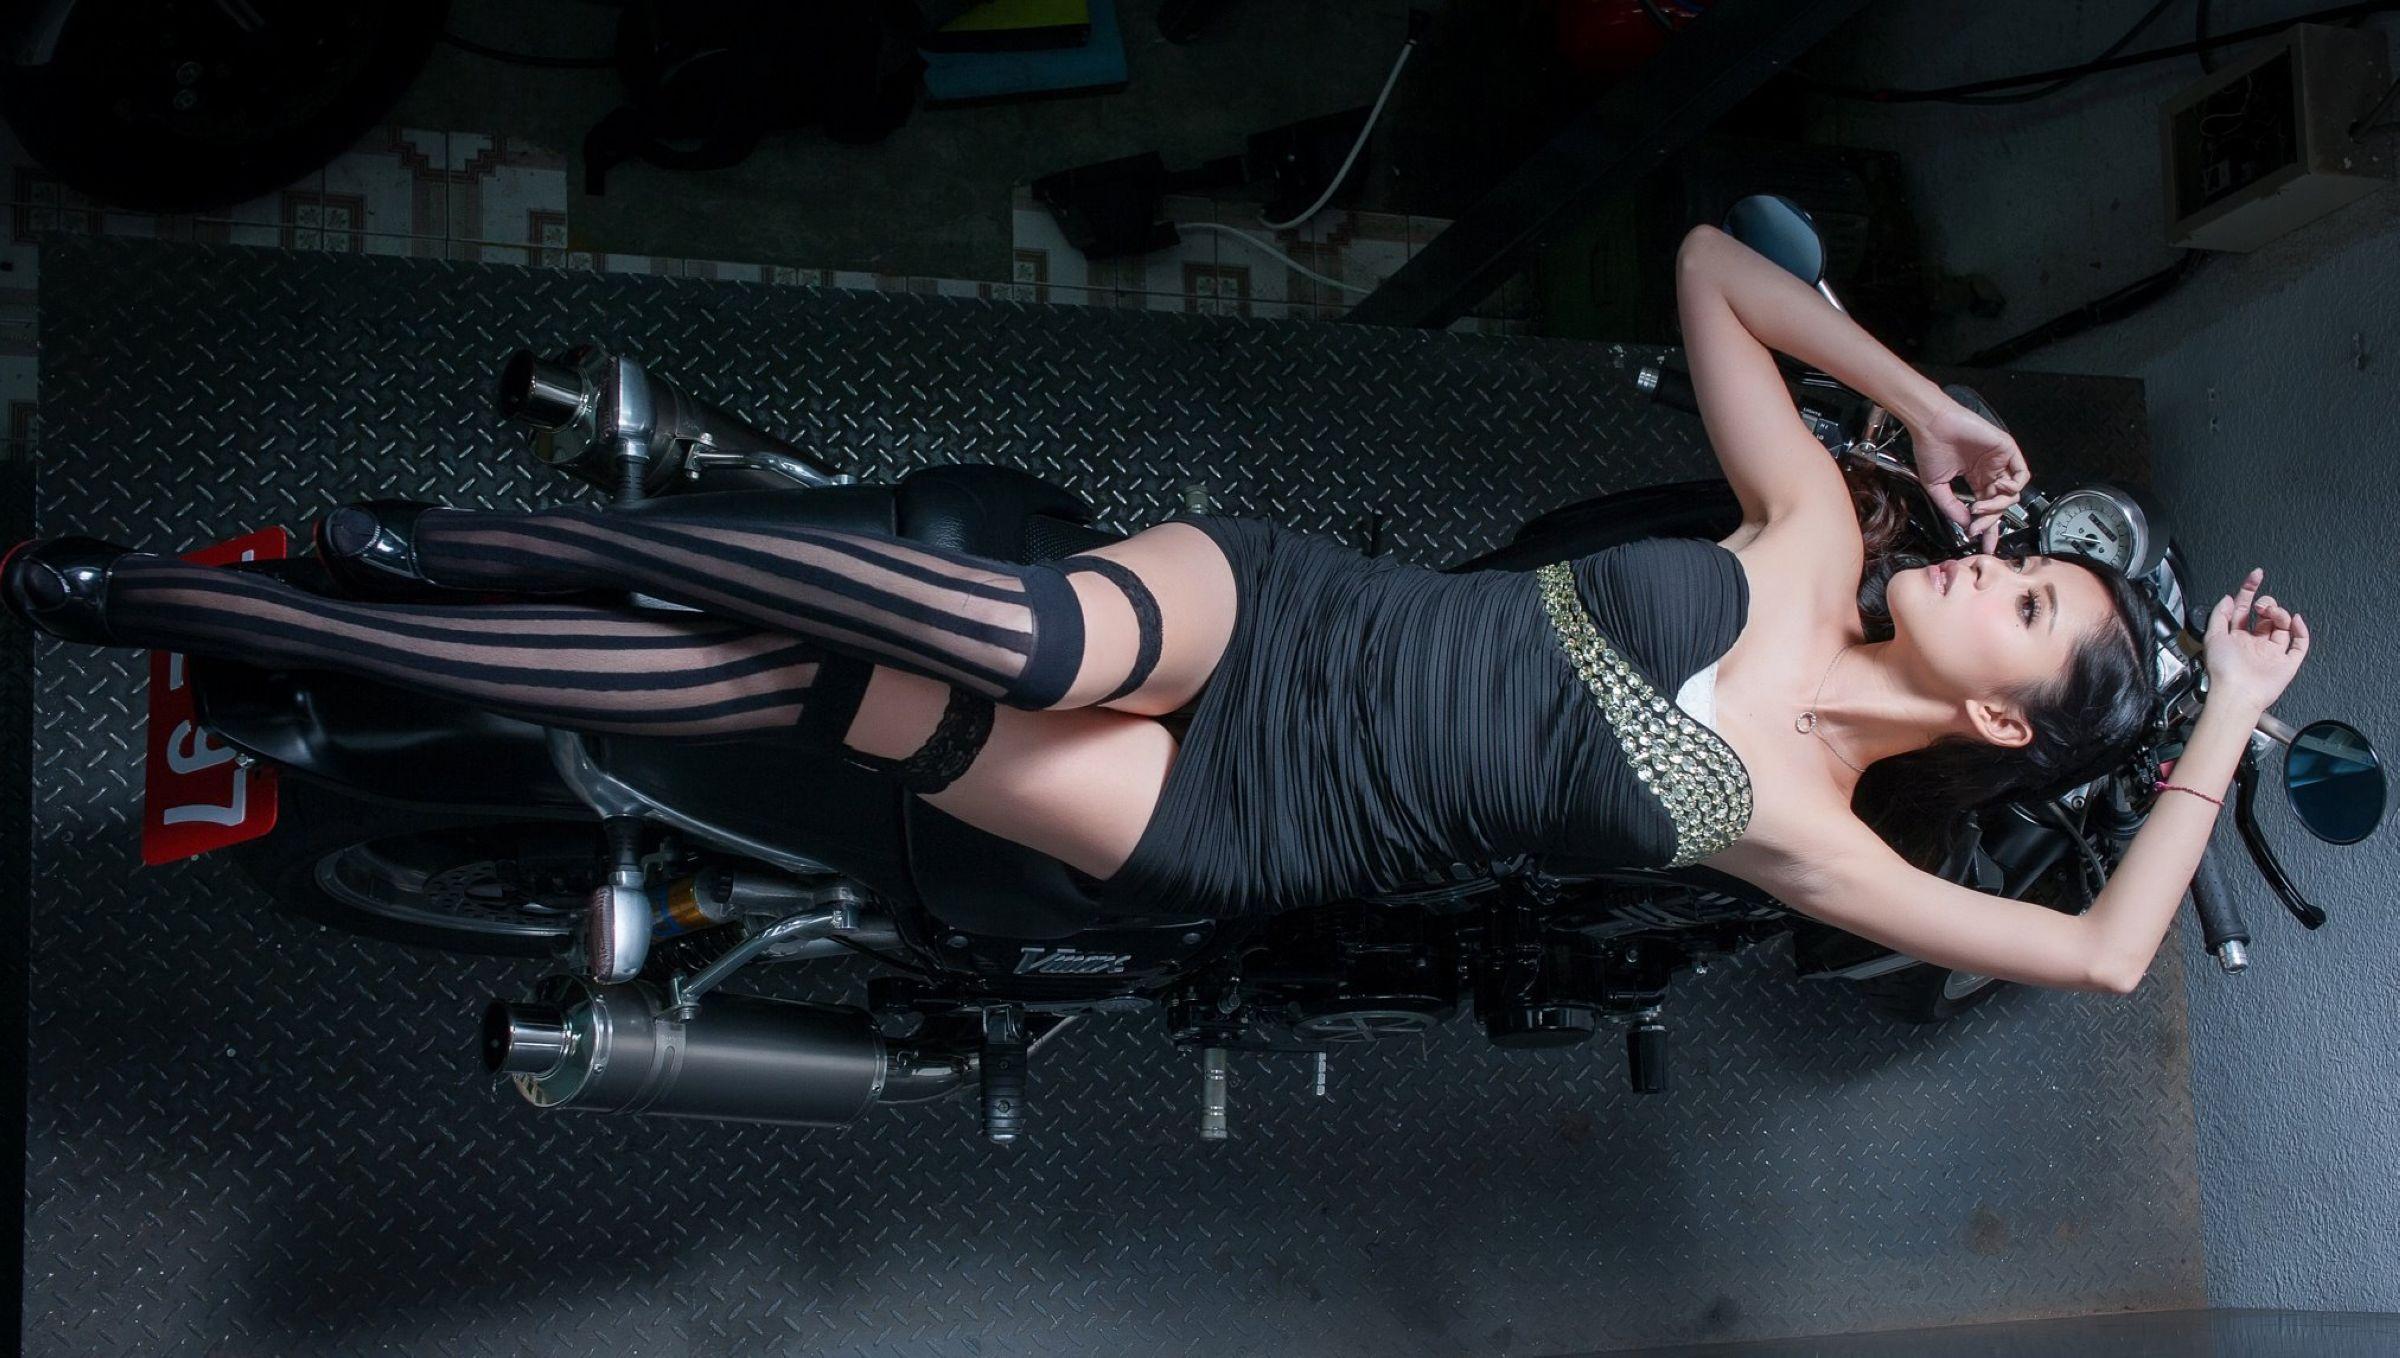 性感女神-杜可薇5 - 花開有聲 - 花開有聲